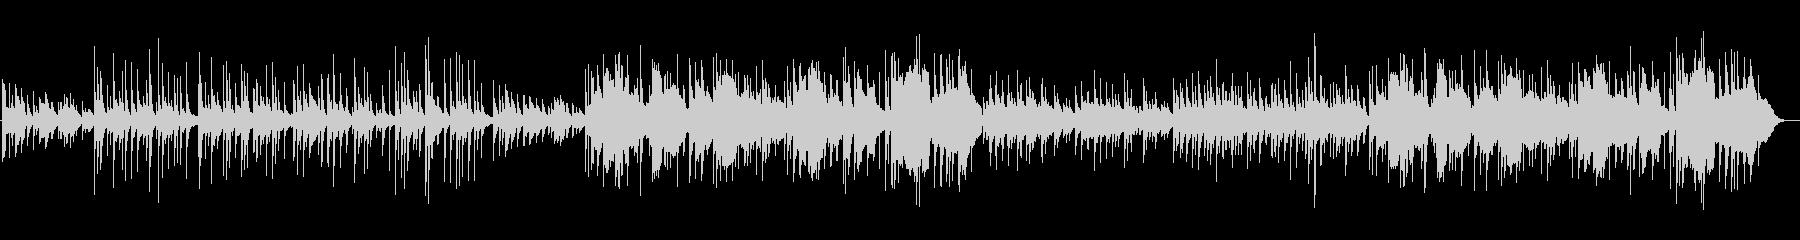 和風の旋律が特徴的な楽曲の未再生の波形